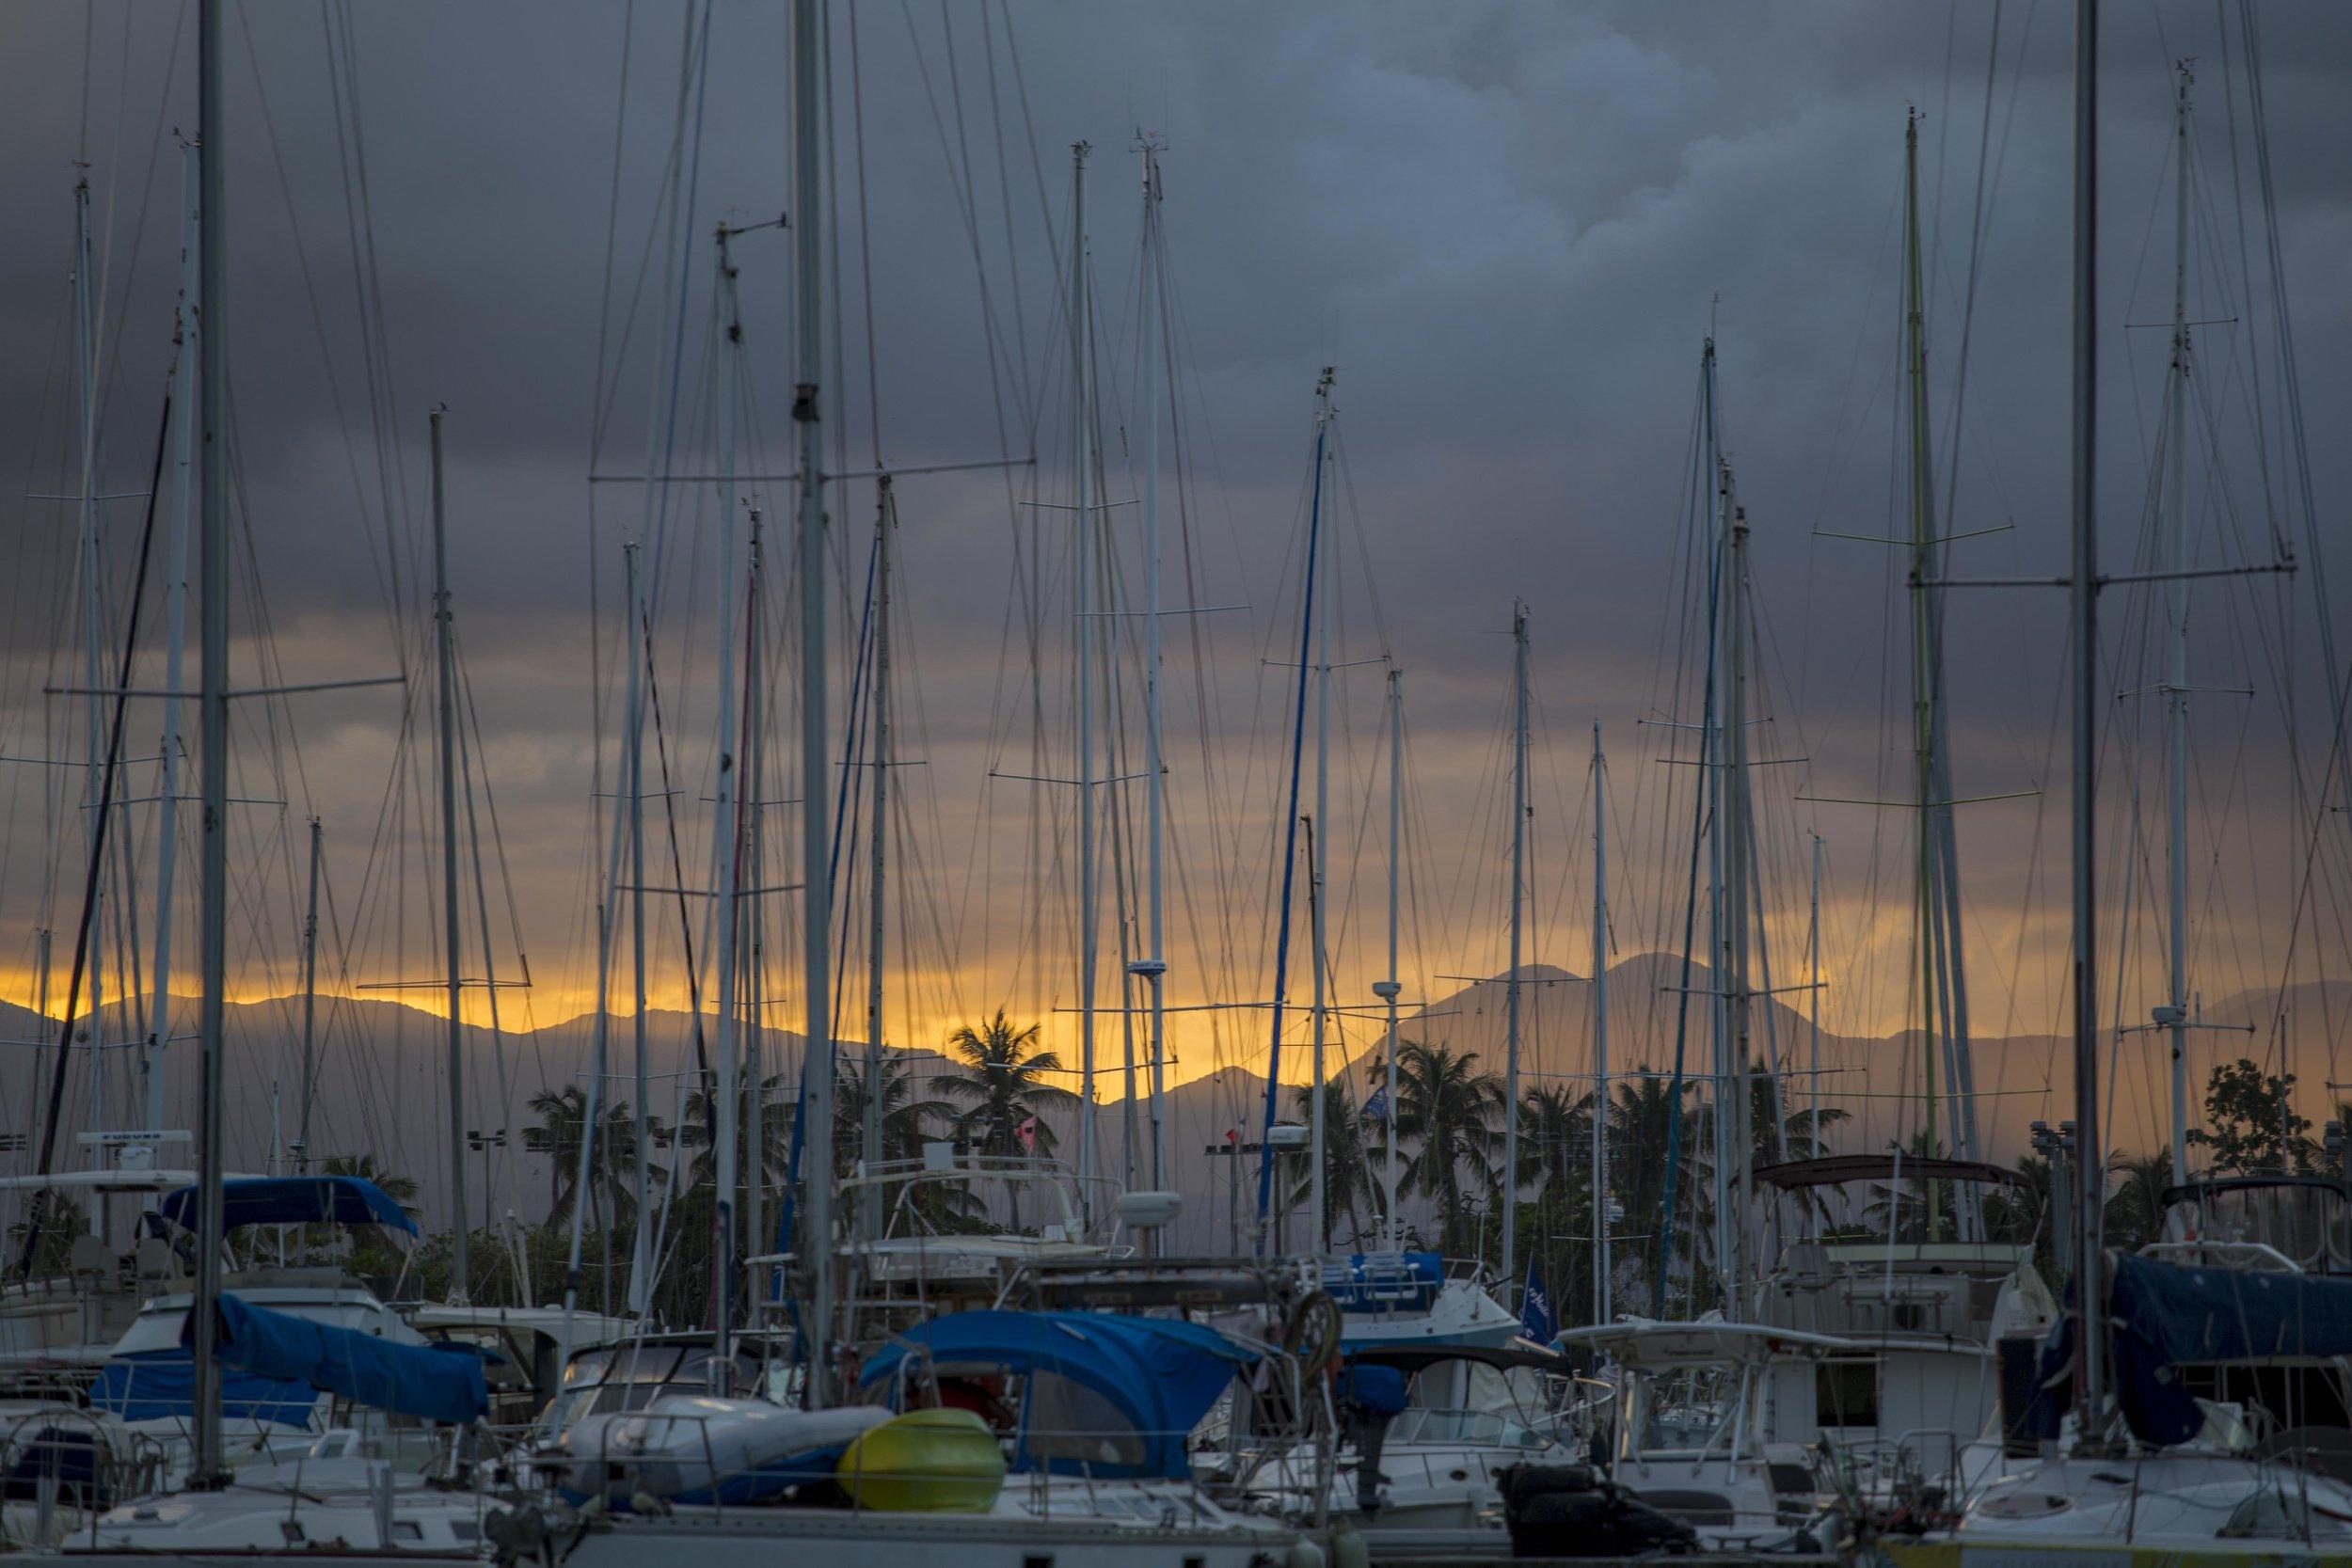 12152017 Guadeloupe_41.jpg